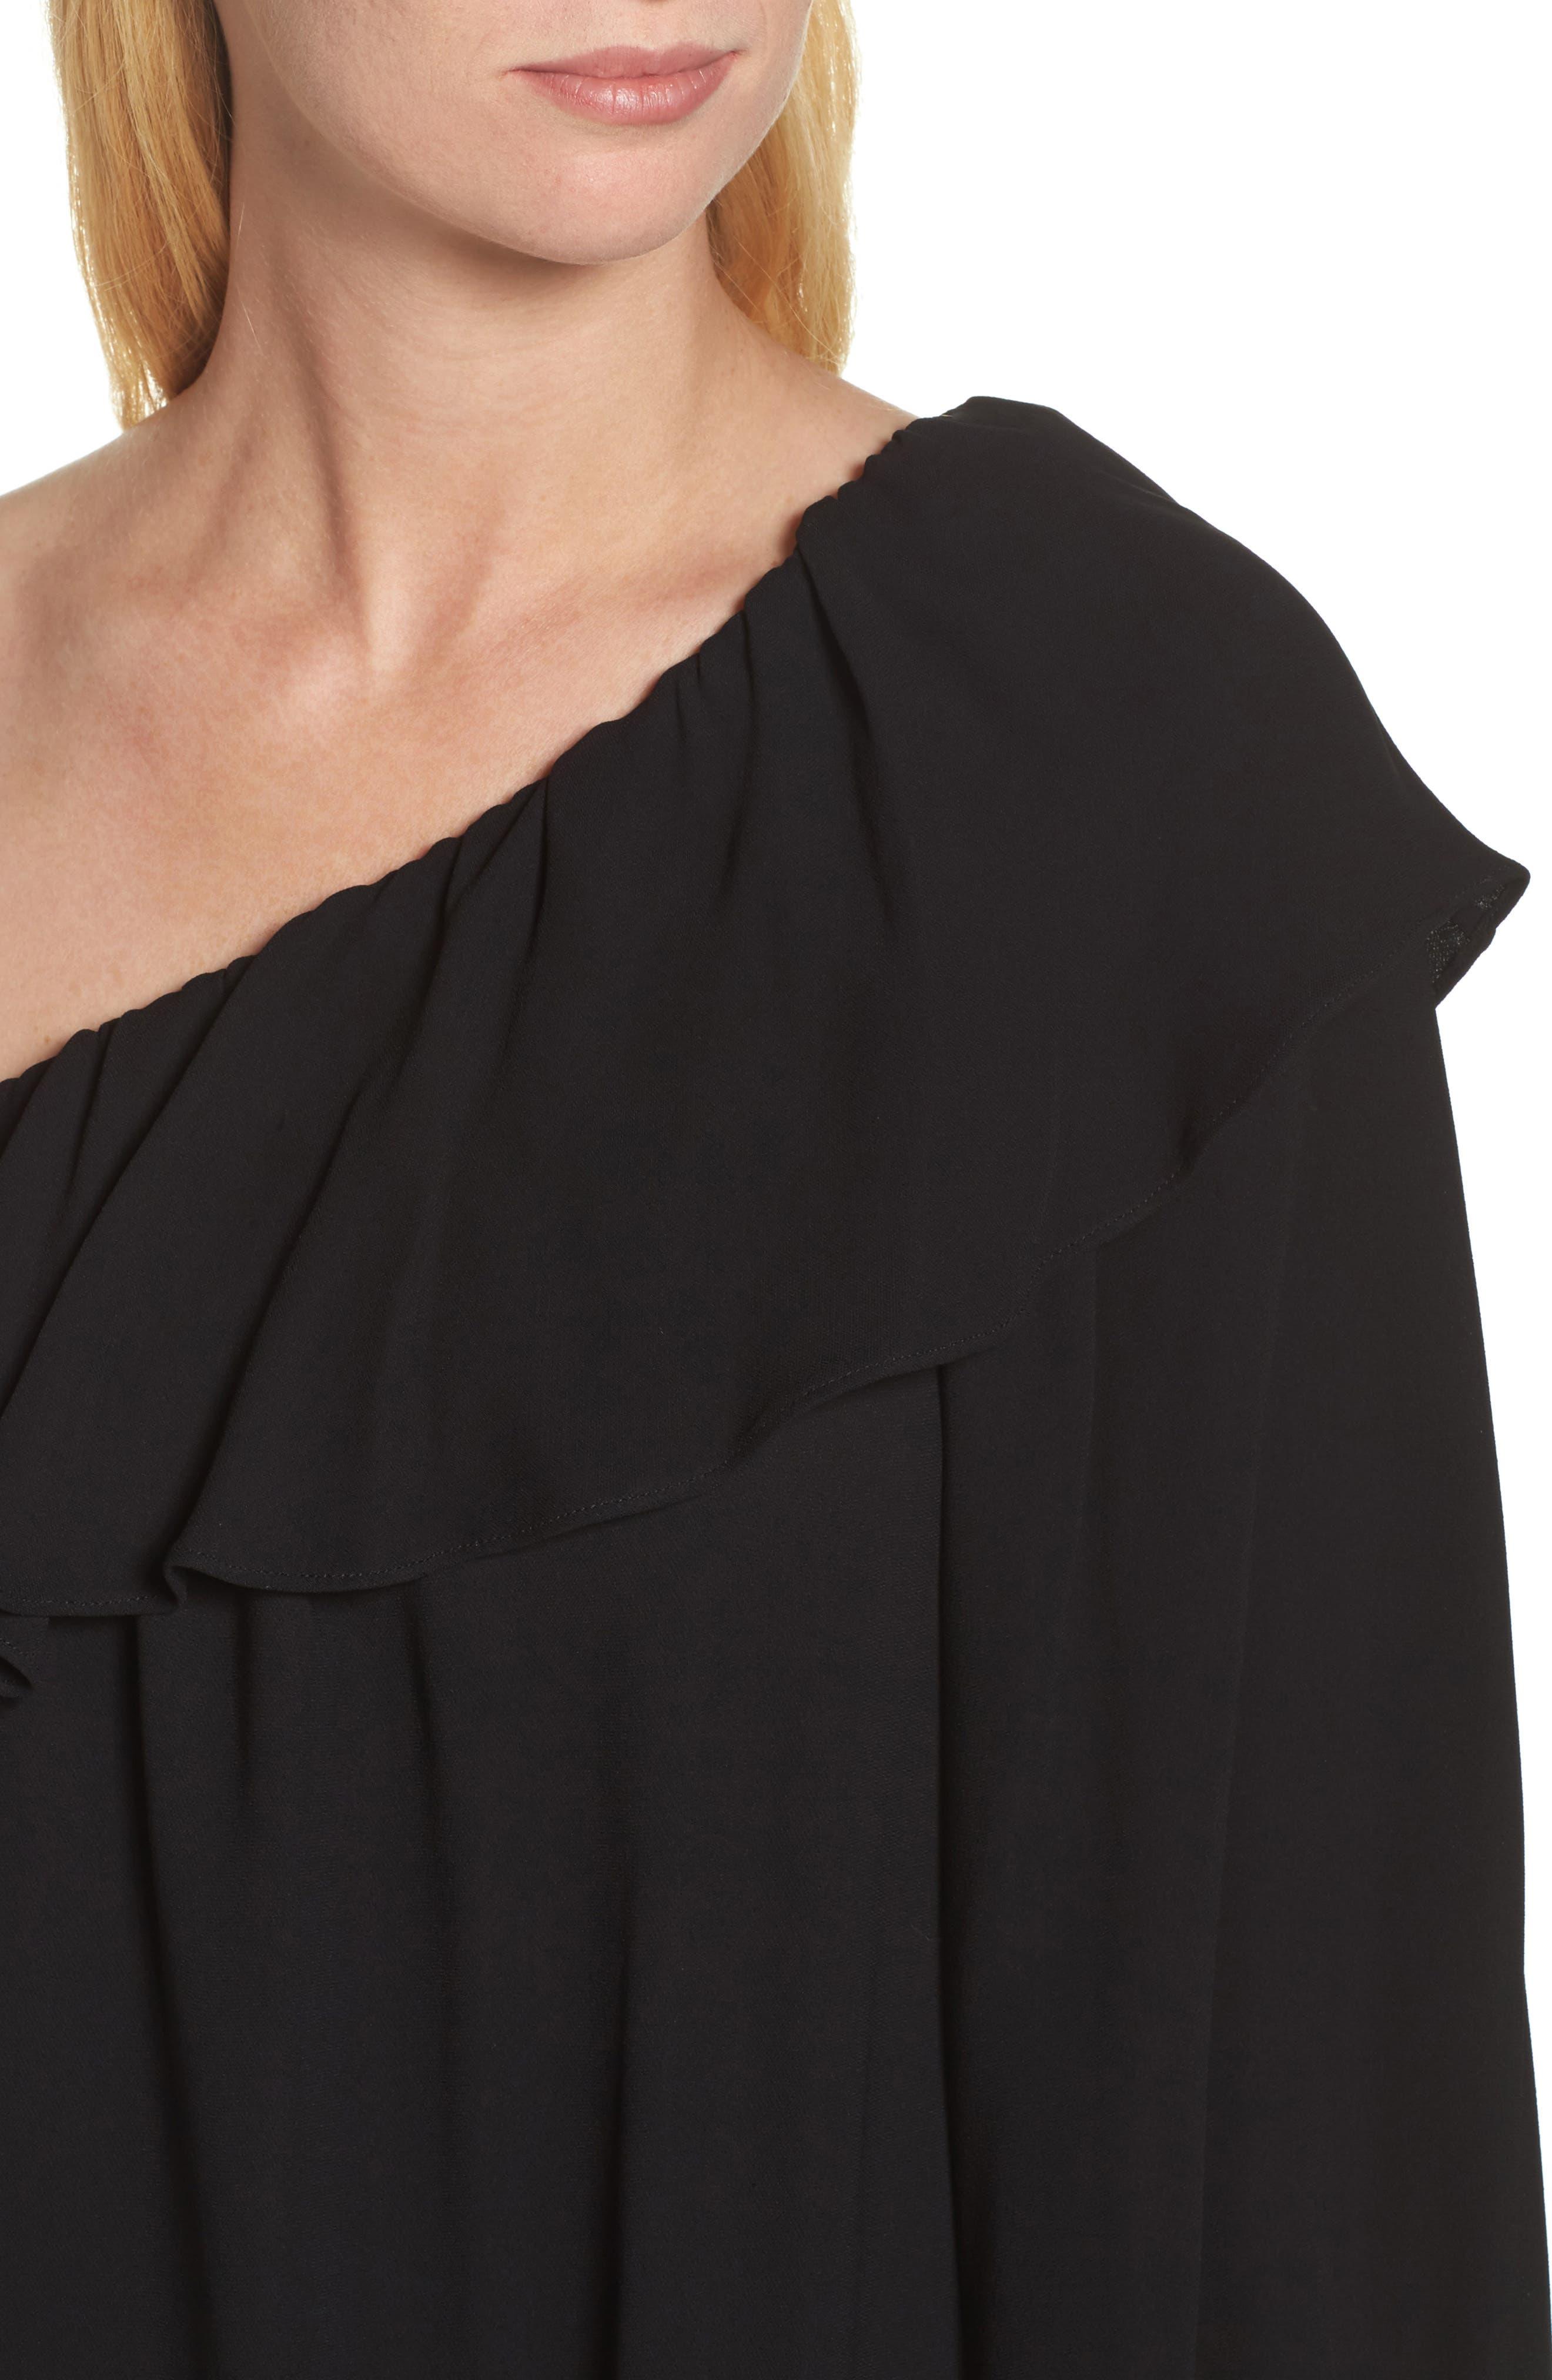 Evening Dew One-Shoulder Dress,                             Alternate thumbnail 4, color,                             Black